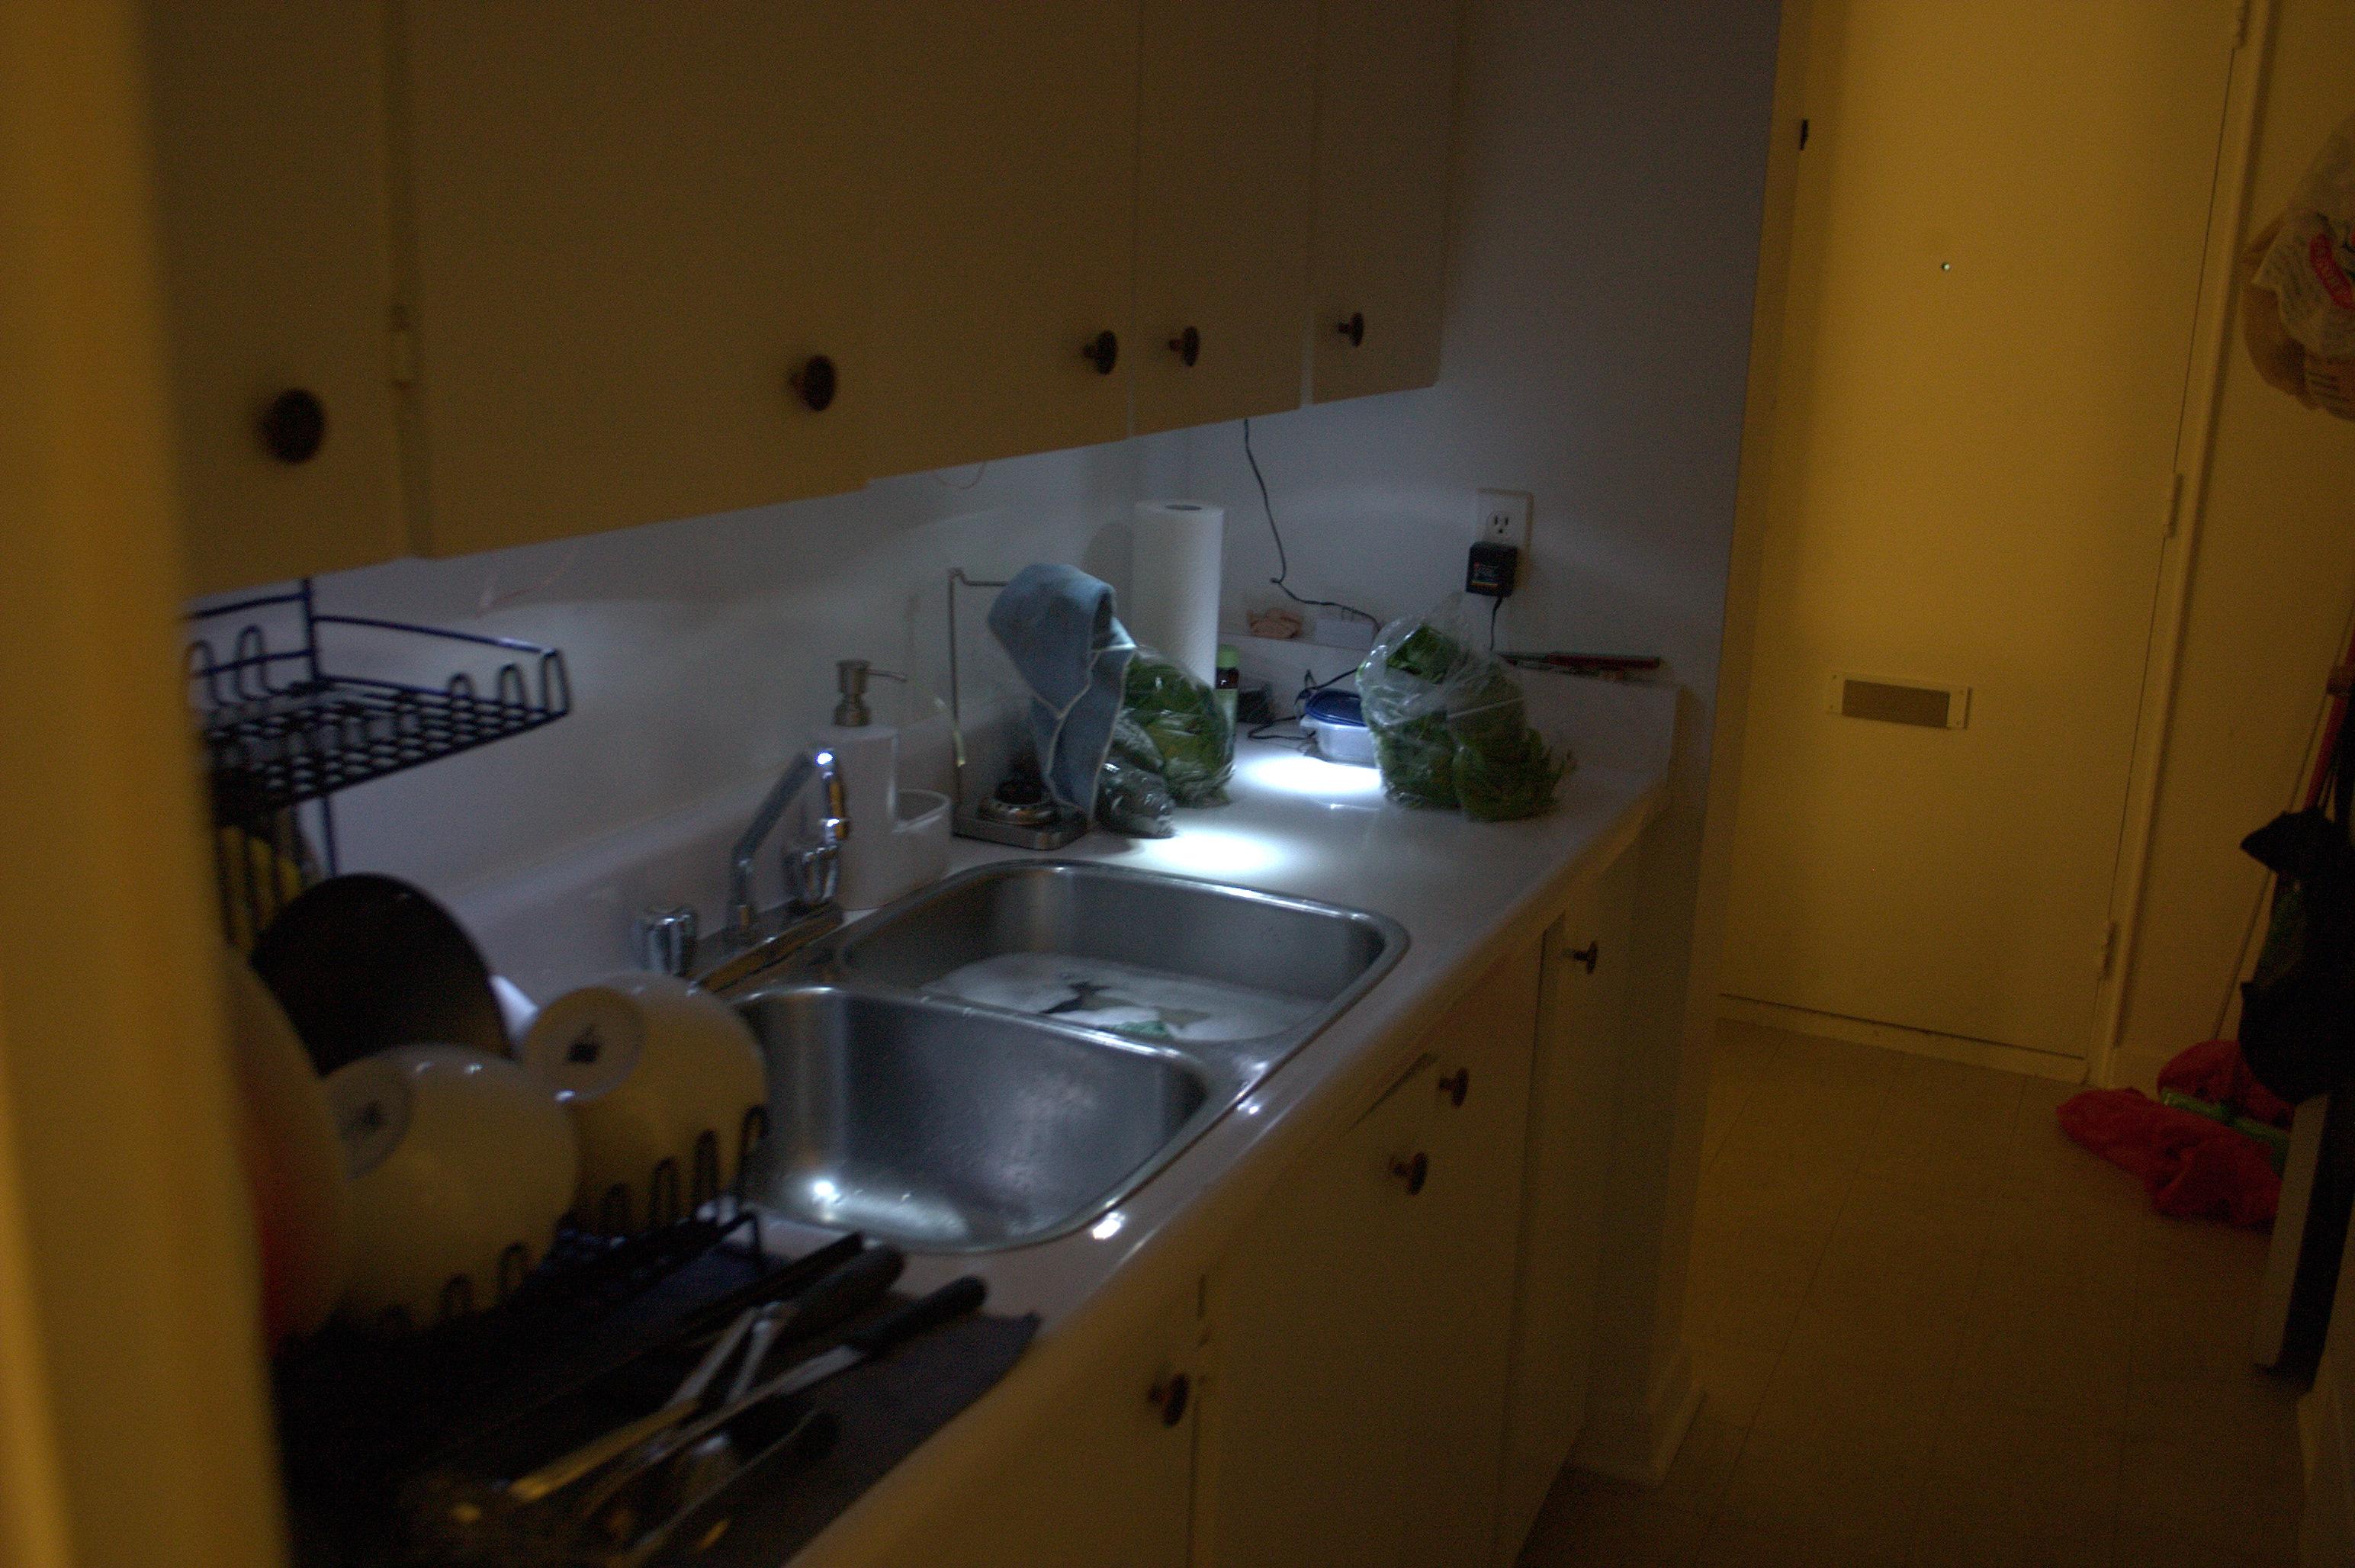 Geek-cheap Under-Counter lights - The coolest, cheapest and most sensible under-counter lights